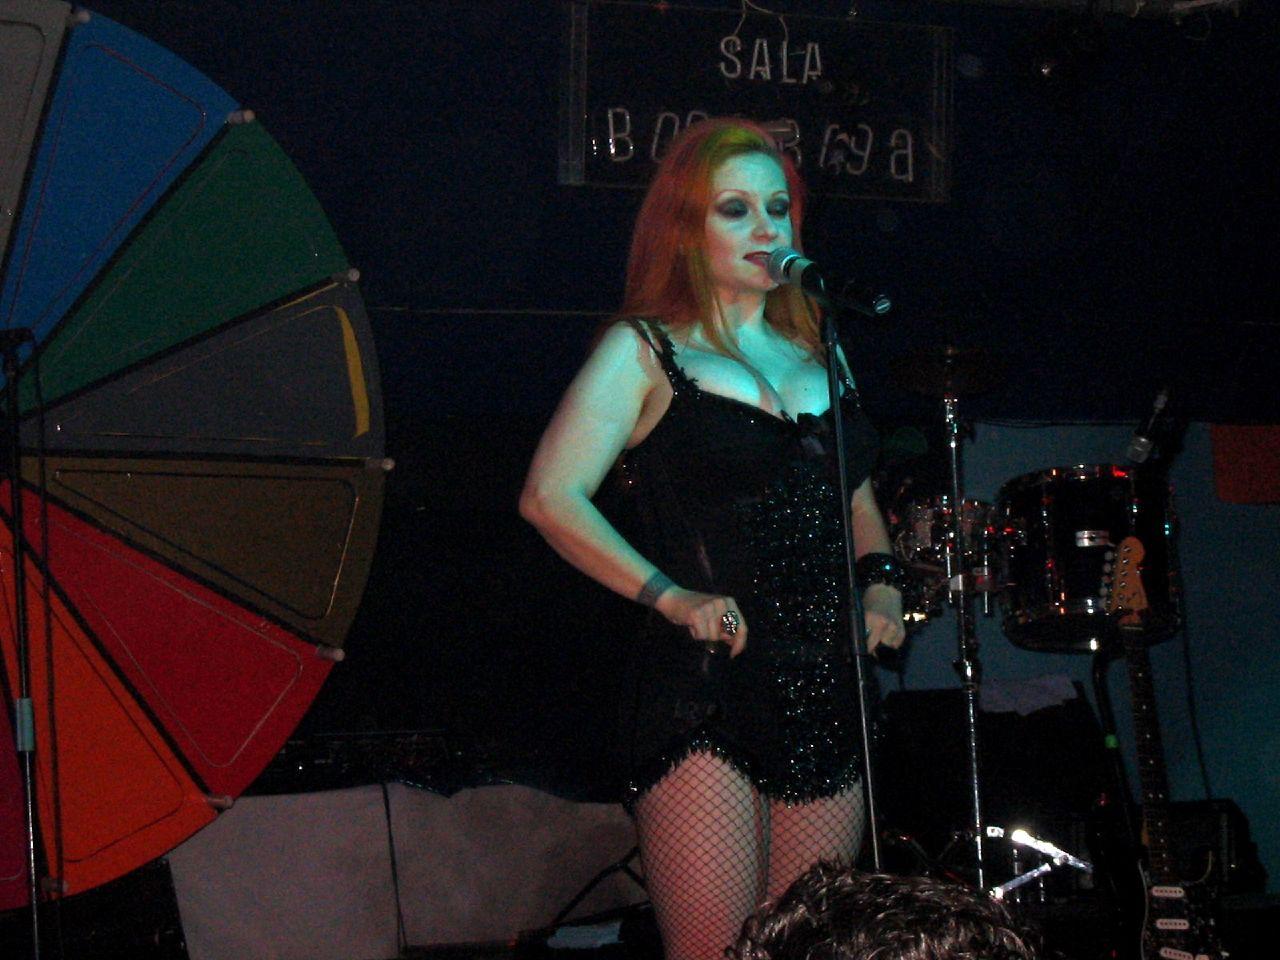 Alaska cantando en un concierto de Fangoria en 2005.